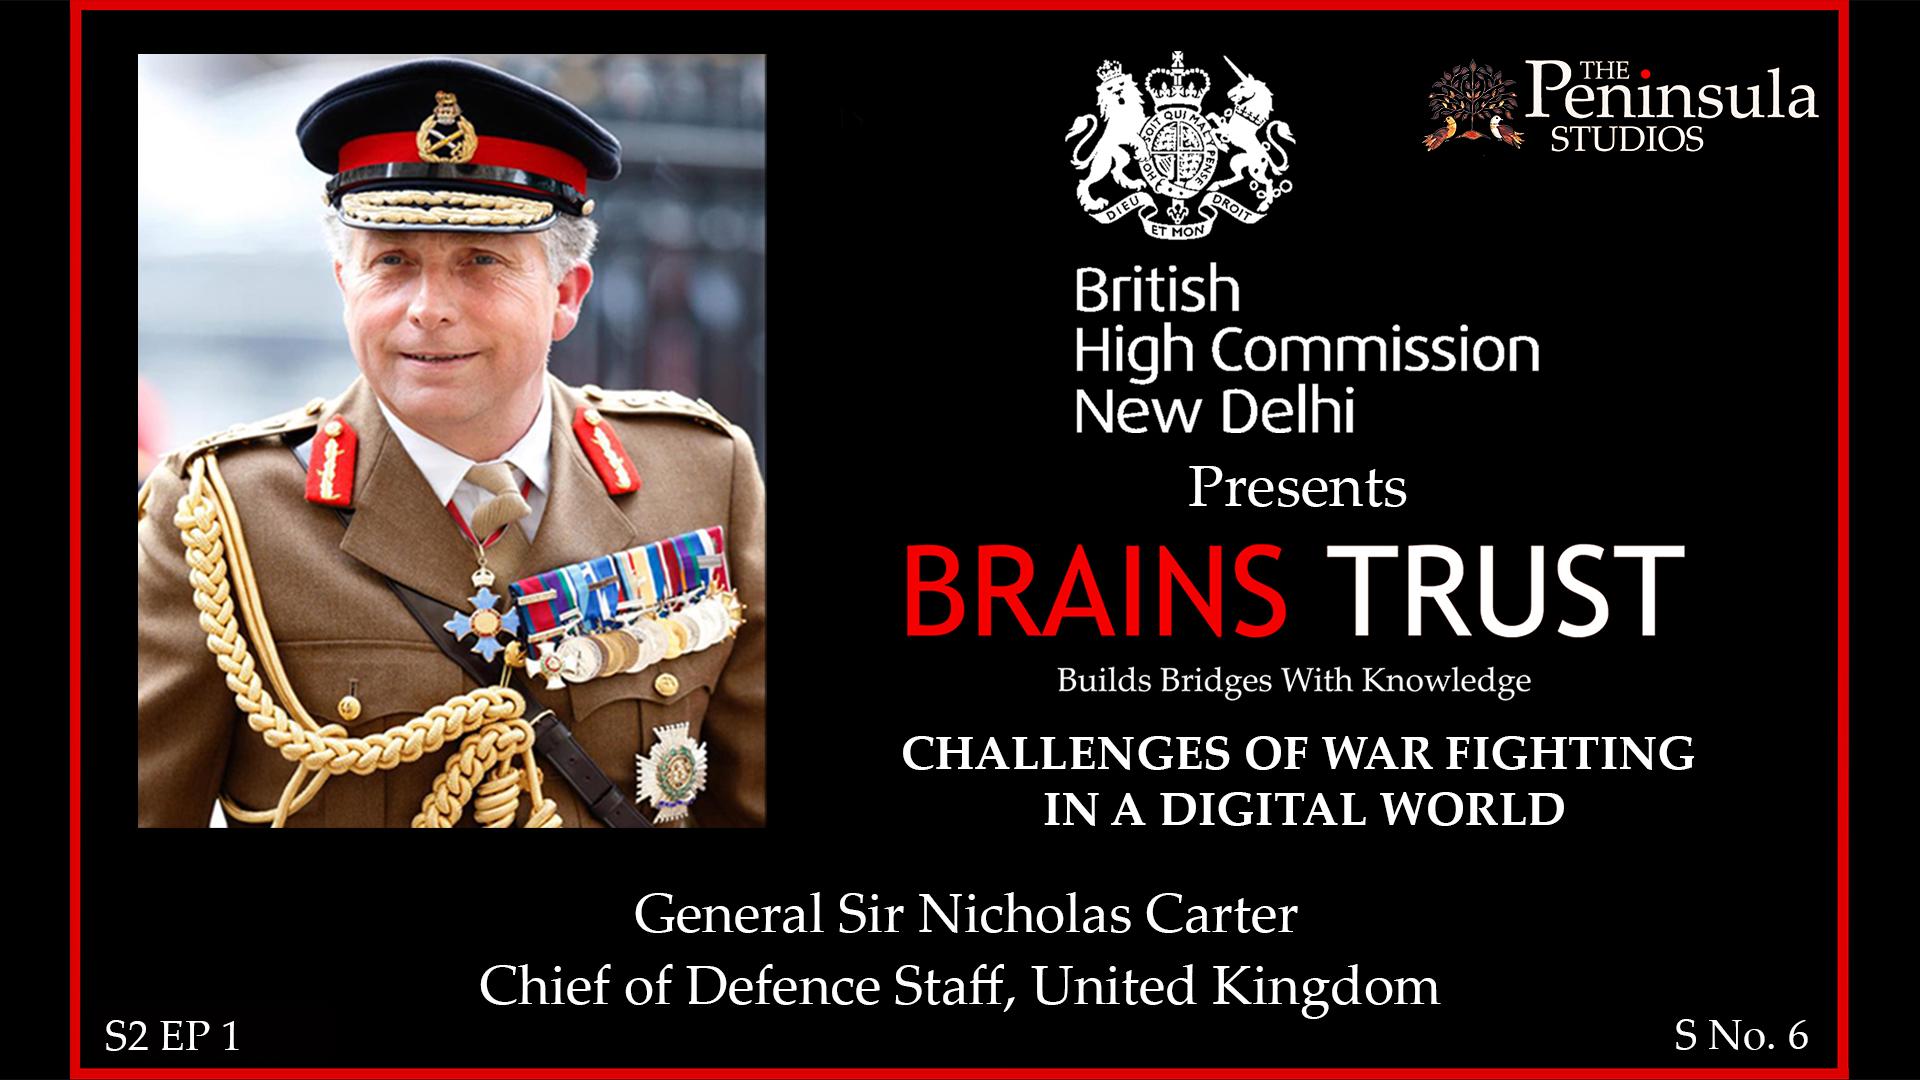 Sir Nicholas Carter